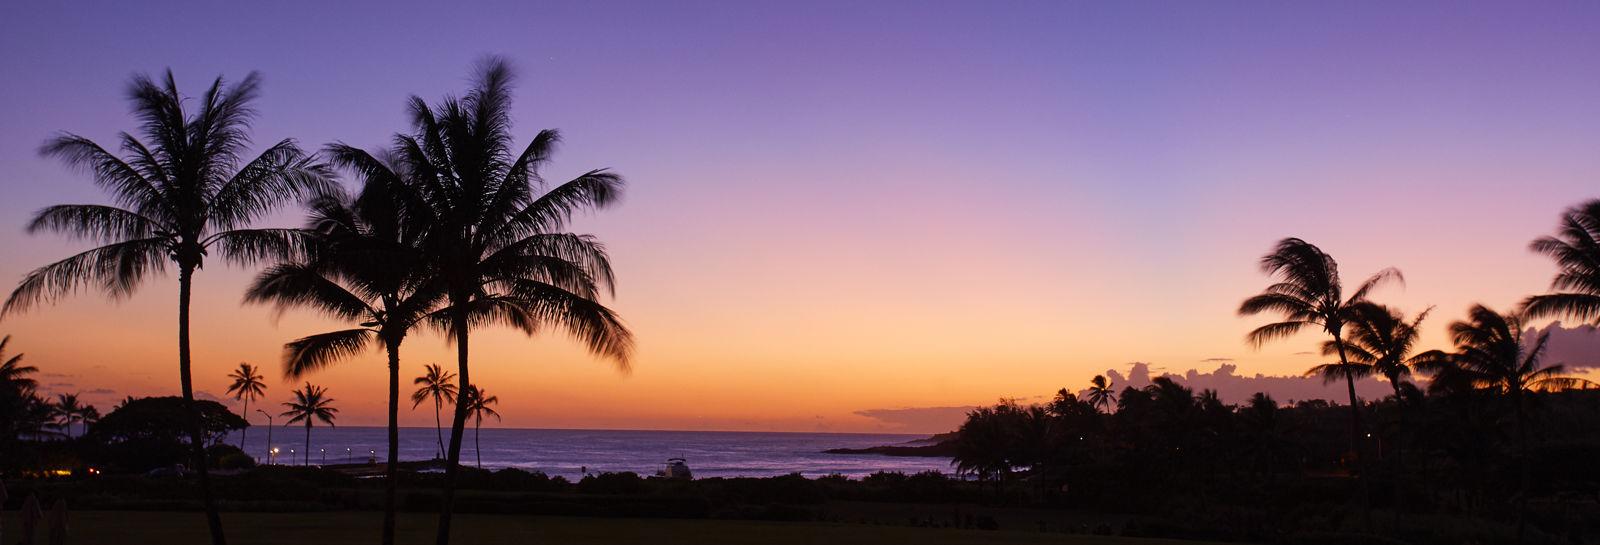 Kauai club community sunset